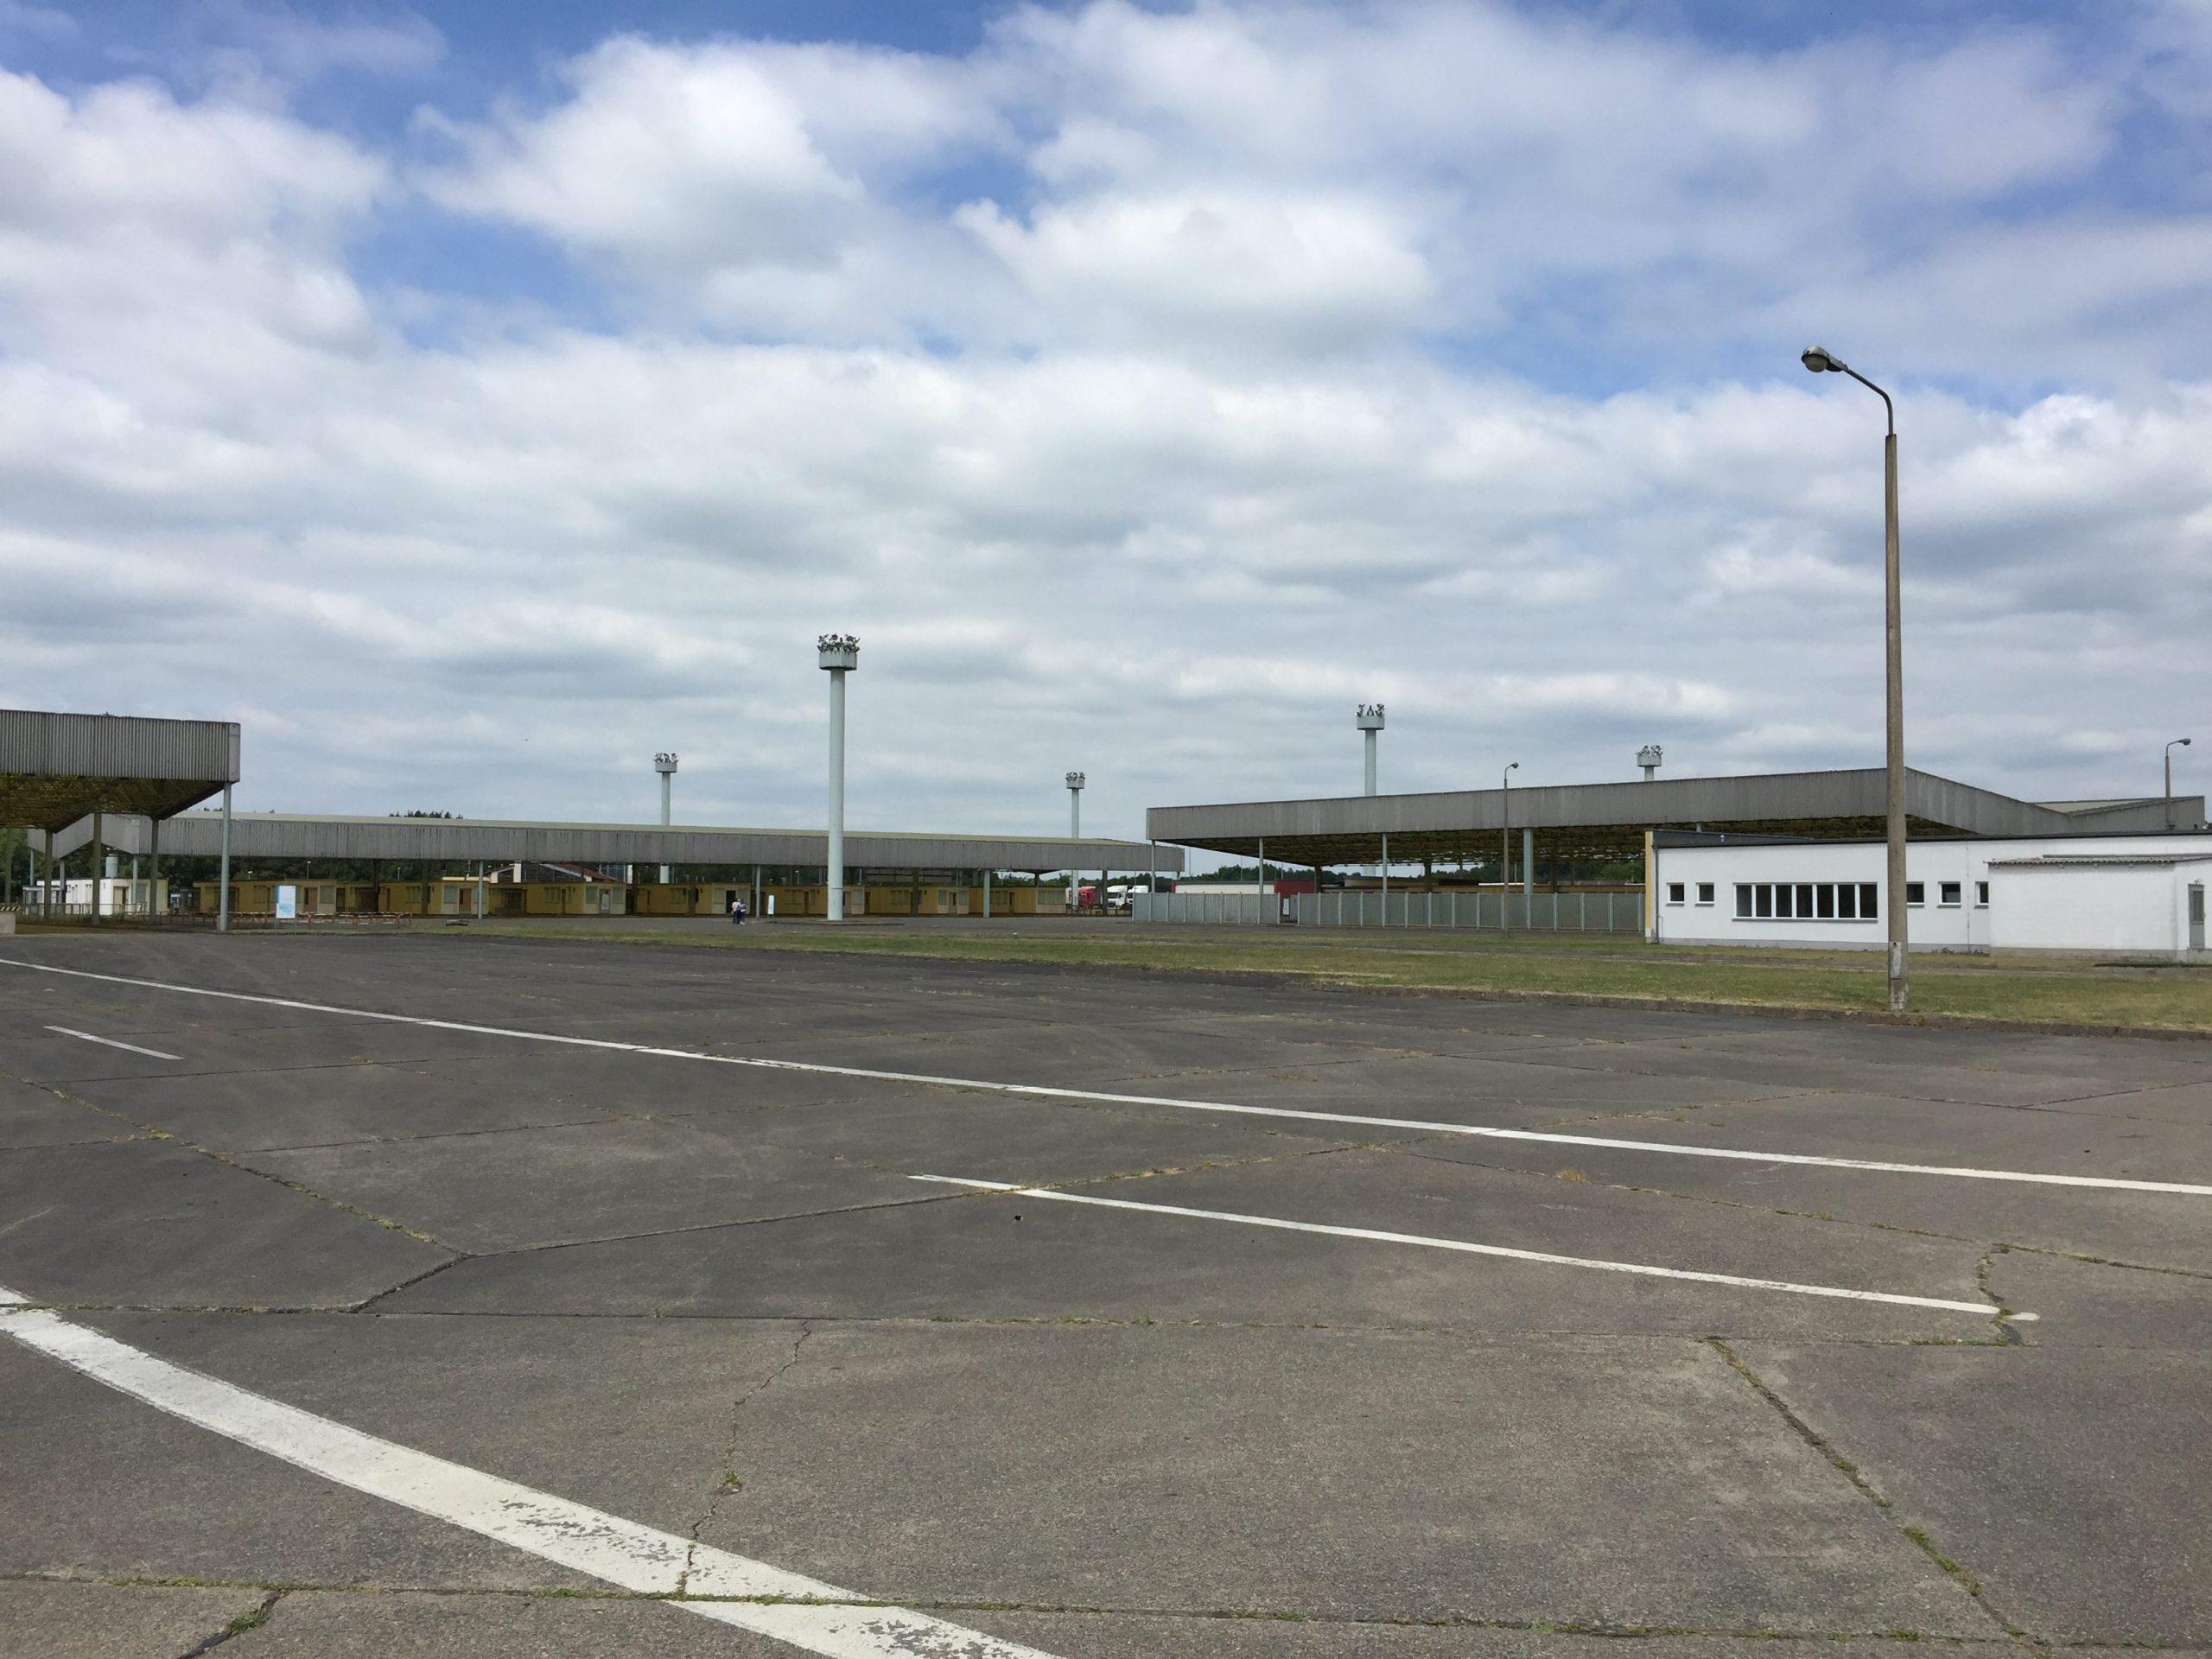 Güst Marienborn - Zufahrt Grenzkontrollstation